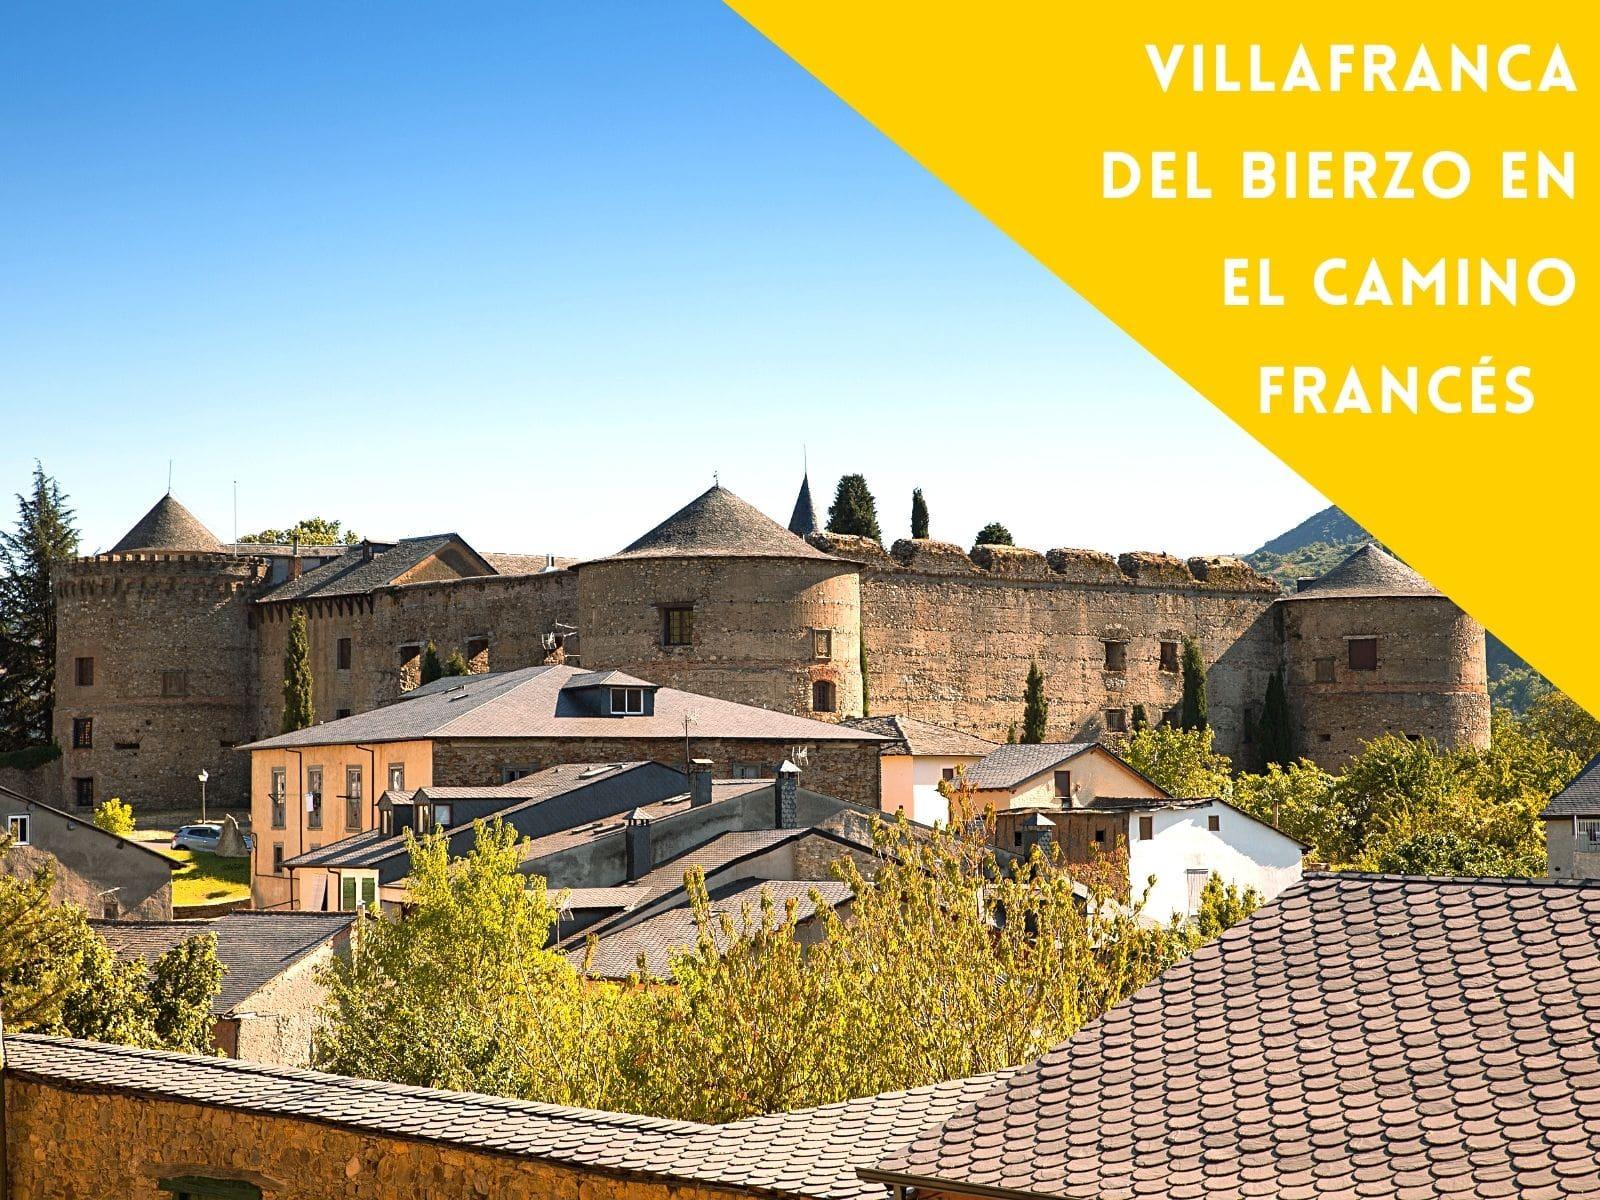 villafranca del bierzo galiwonders